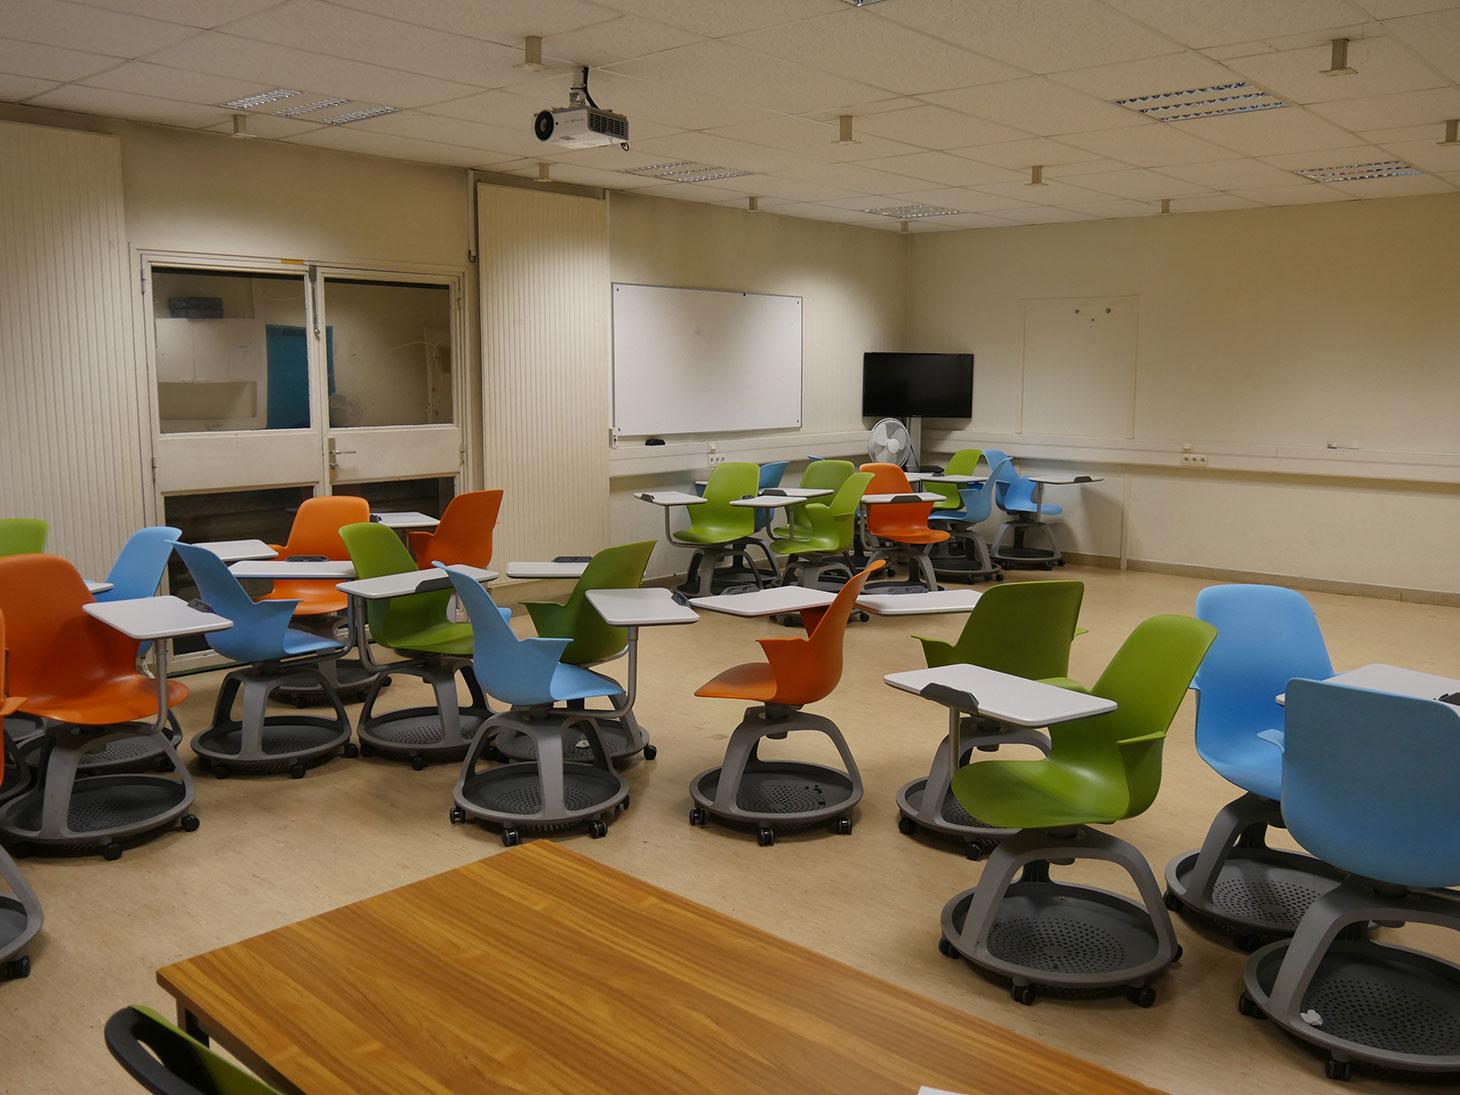 Salle PECT (Pédagogie en Environnement Collaboratif et Technologique)